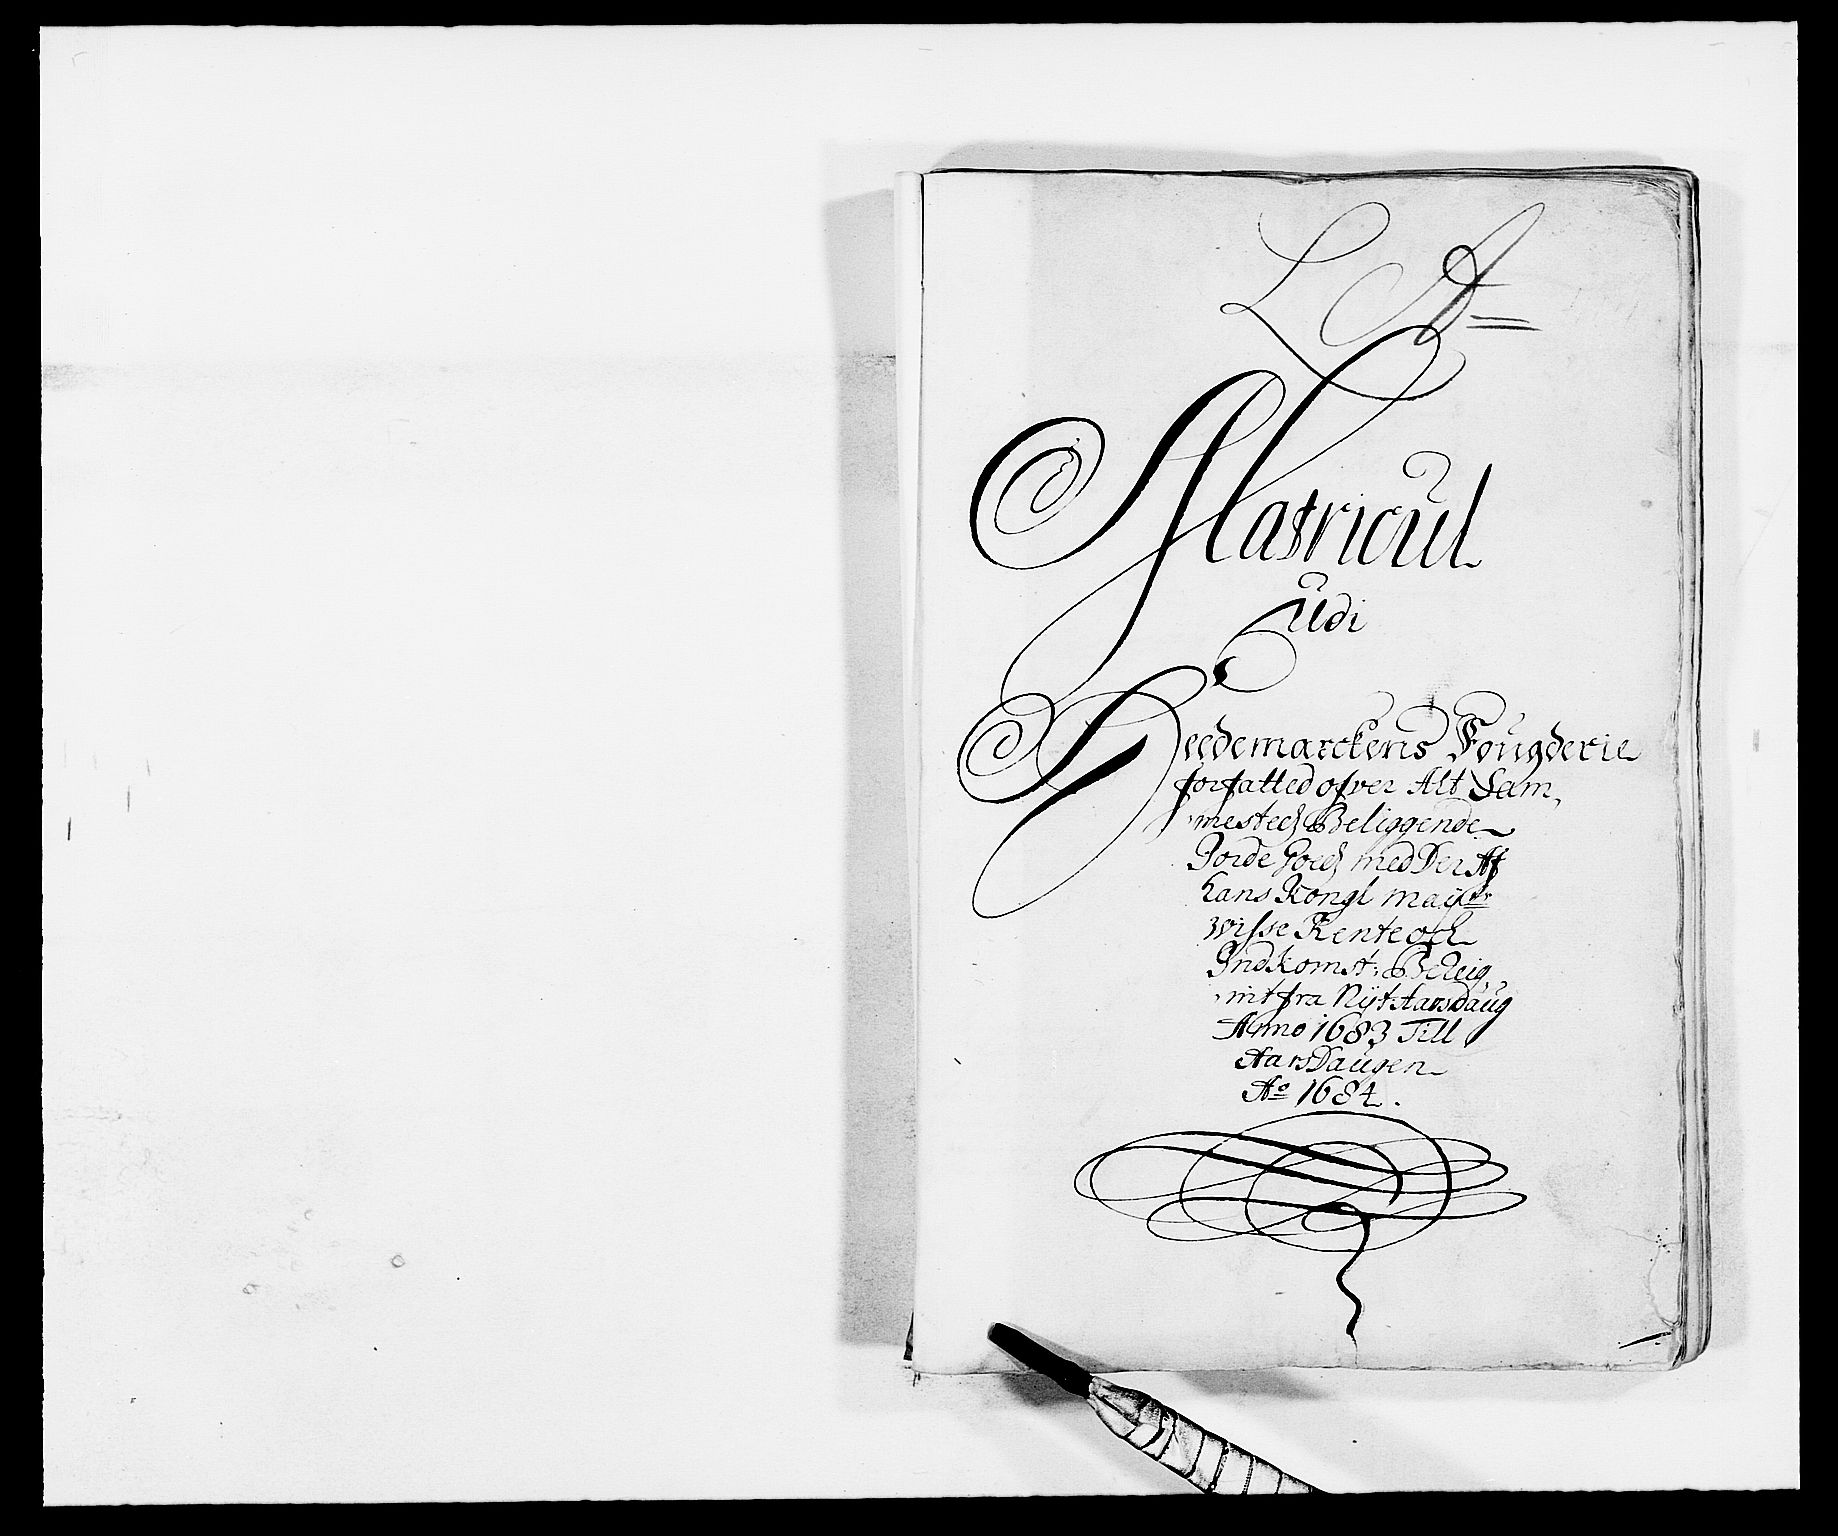 RA, Rentekammeret inntil 1814, Reviderte regnskaper, Fogderegnskap, R16/L1024: Fogderegnskap Hedmark, 1683, s. 15